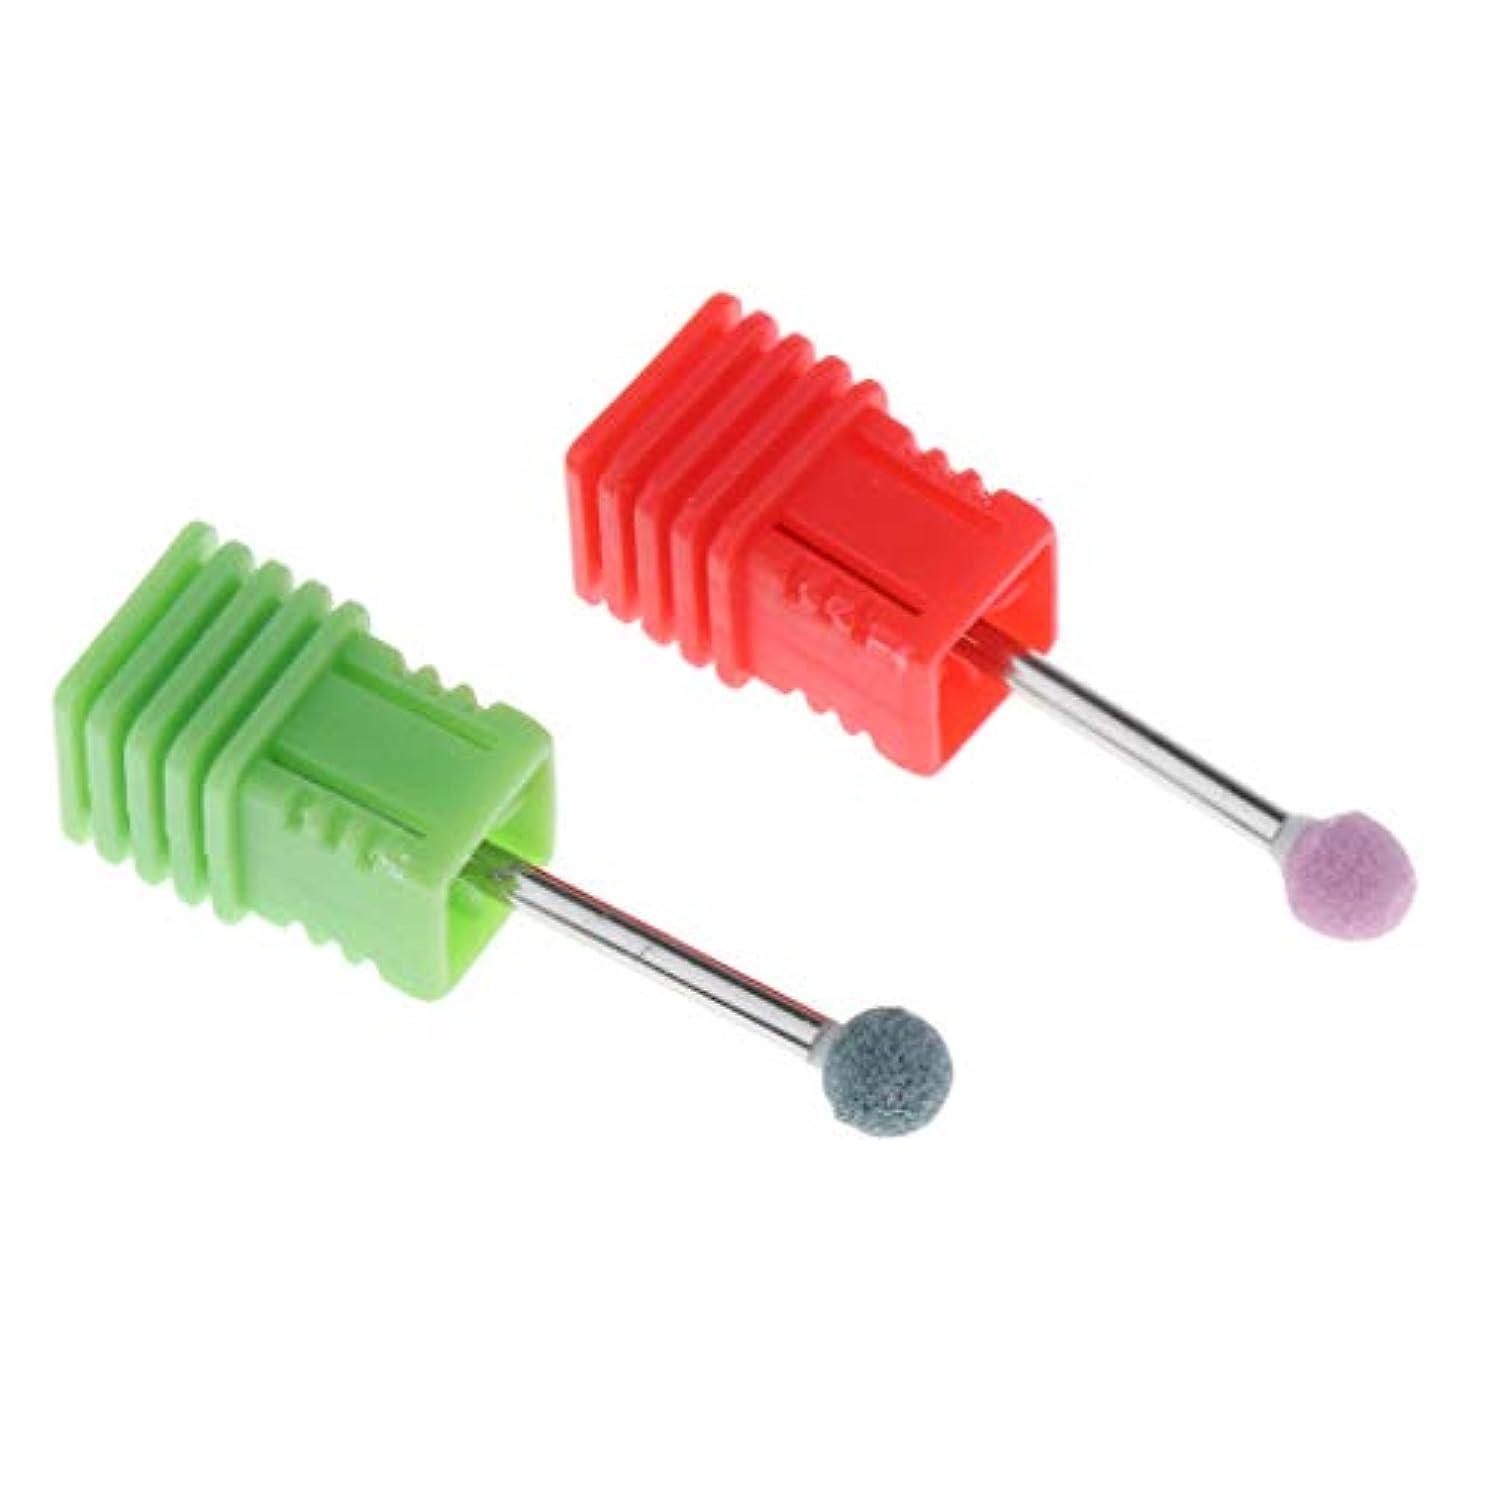 芝生原子炉投票爪 磨き ヘッド 電動研磨ヘッド ネイル グラインド ヘッド アクリルネイル用ツール 2個 全6カラー - グリーン+ピンク